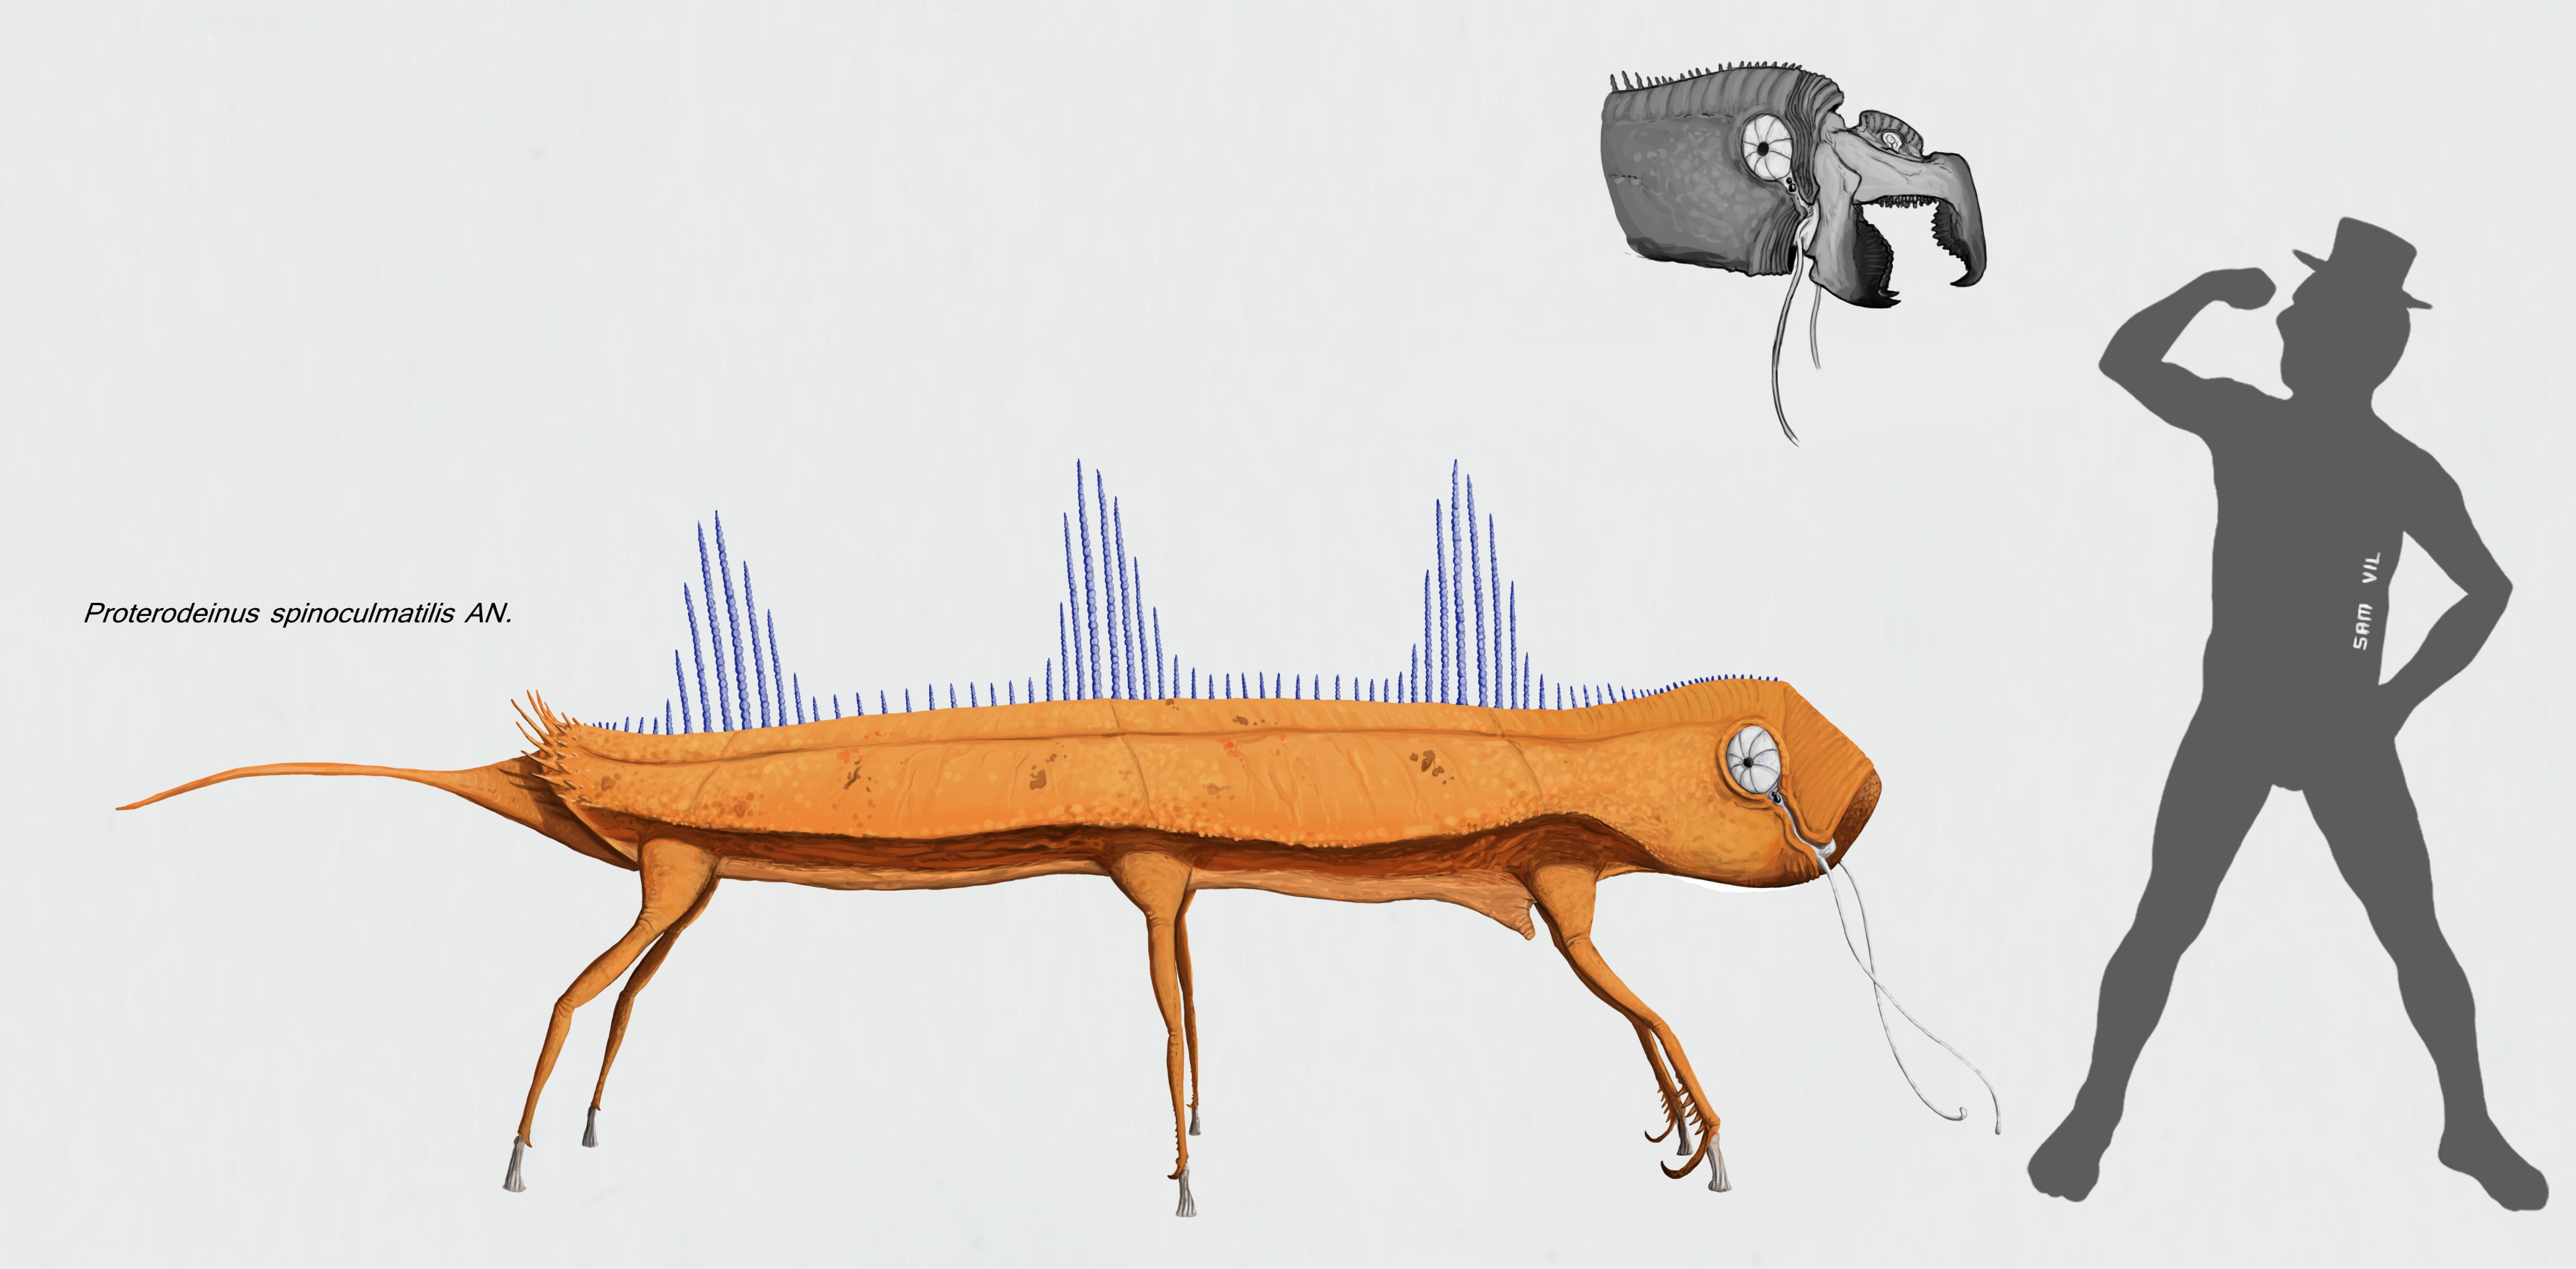 Proterodeinus spinoculmatilis by Sanrou